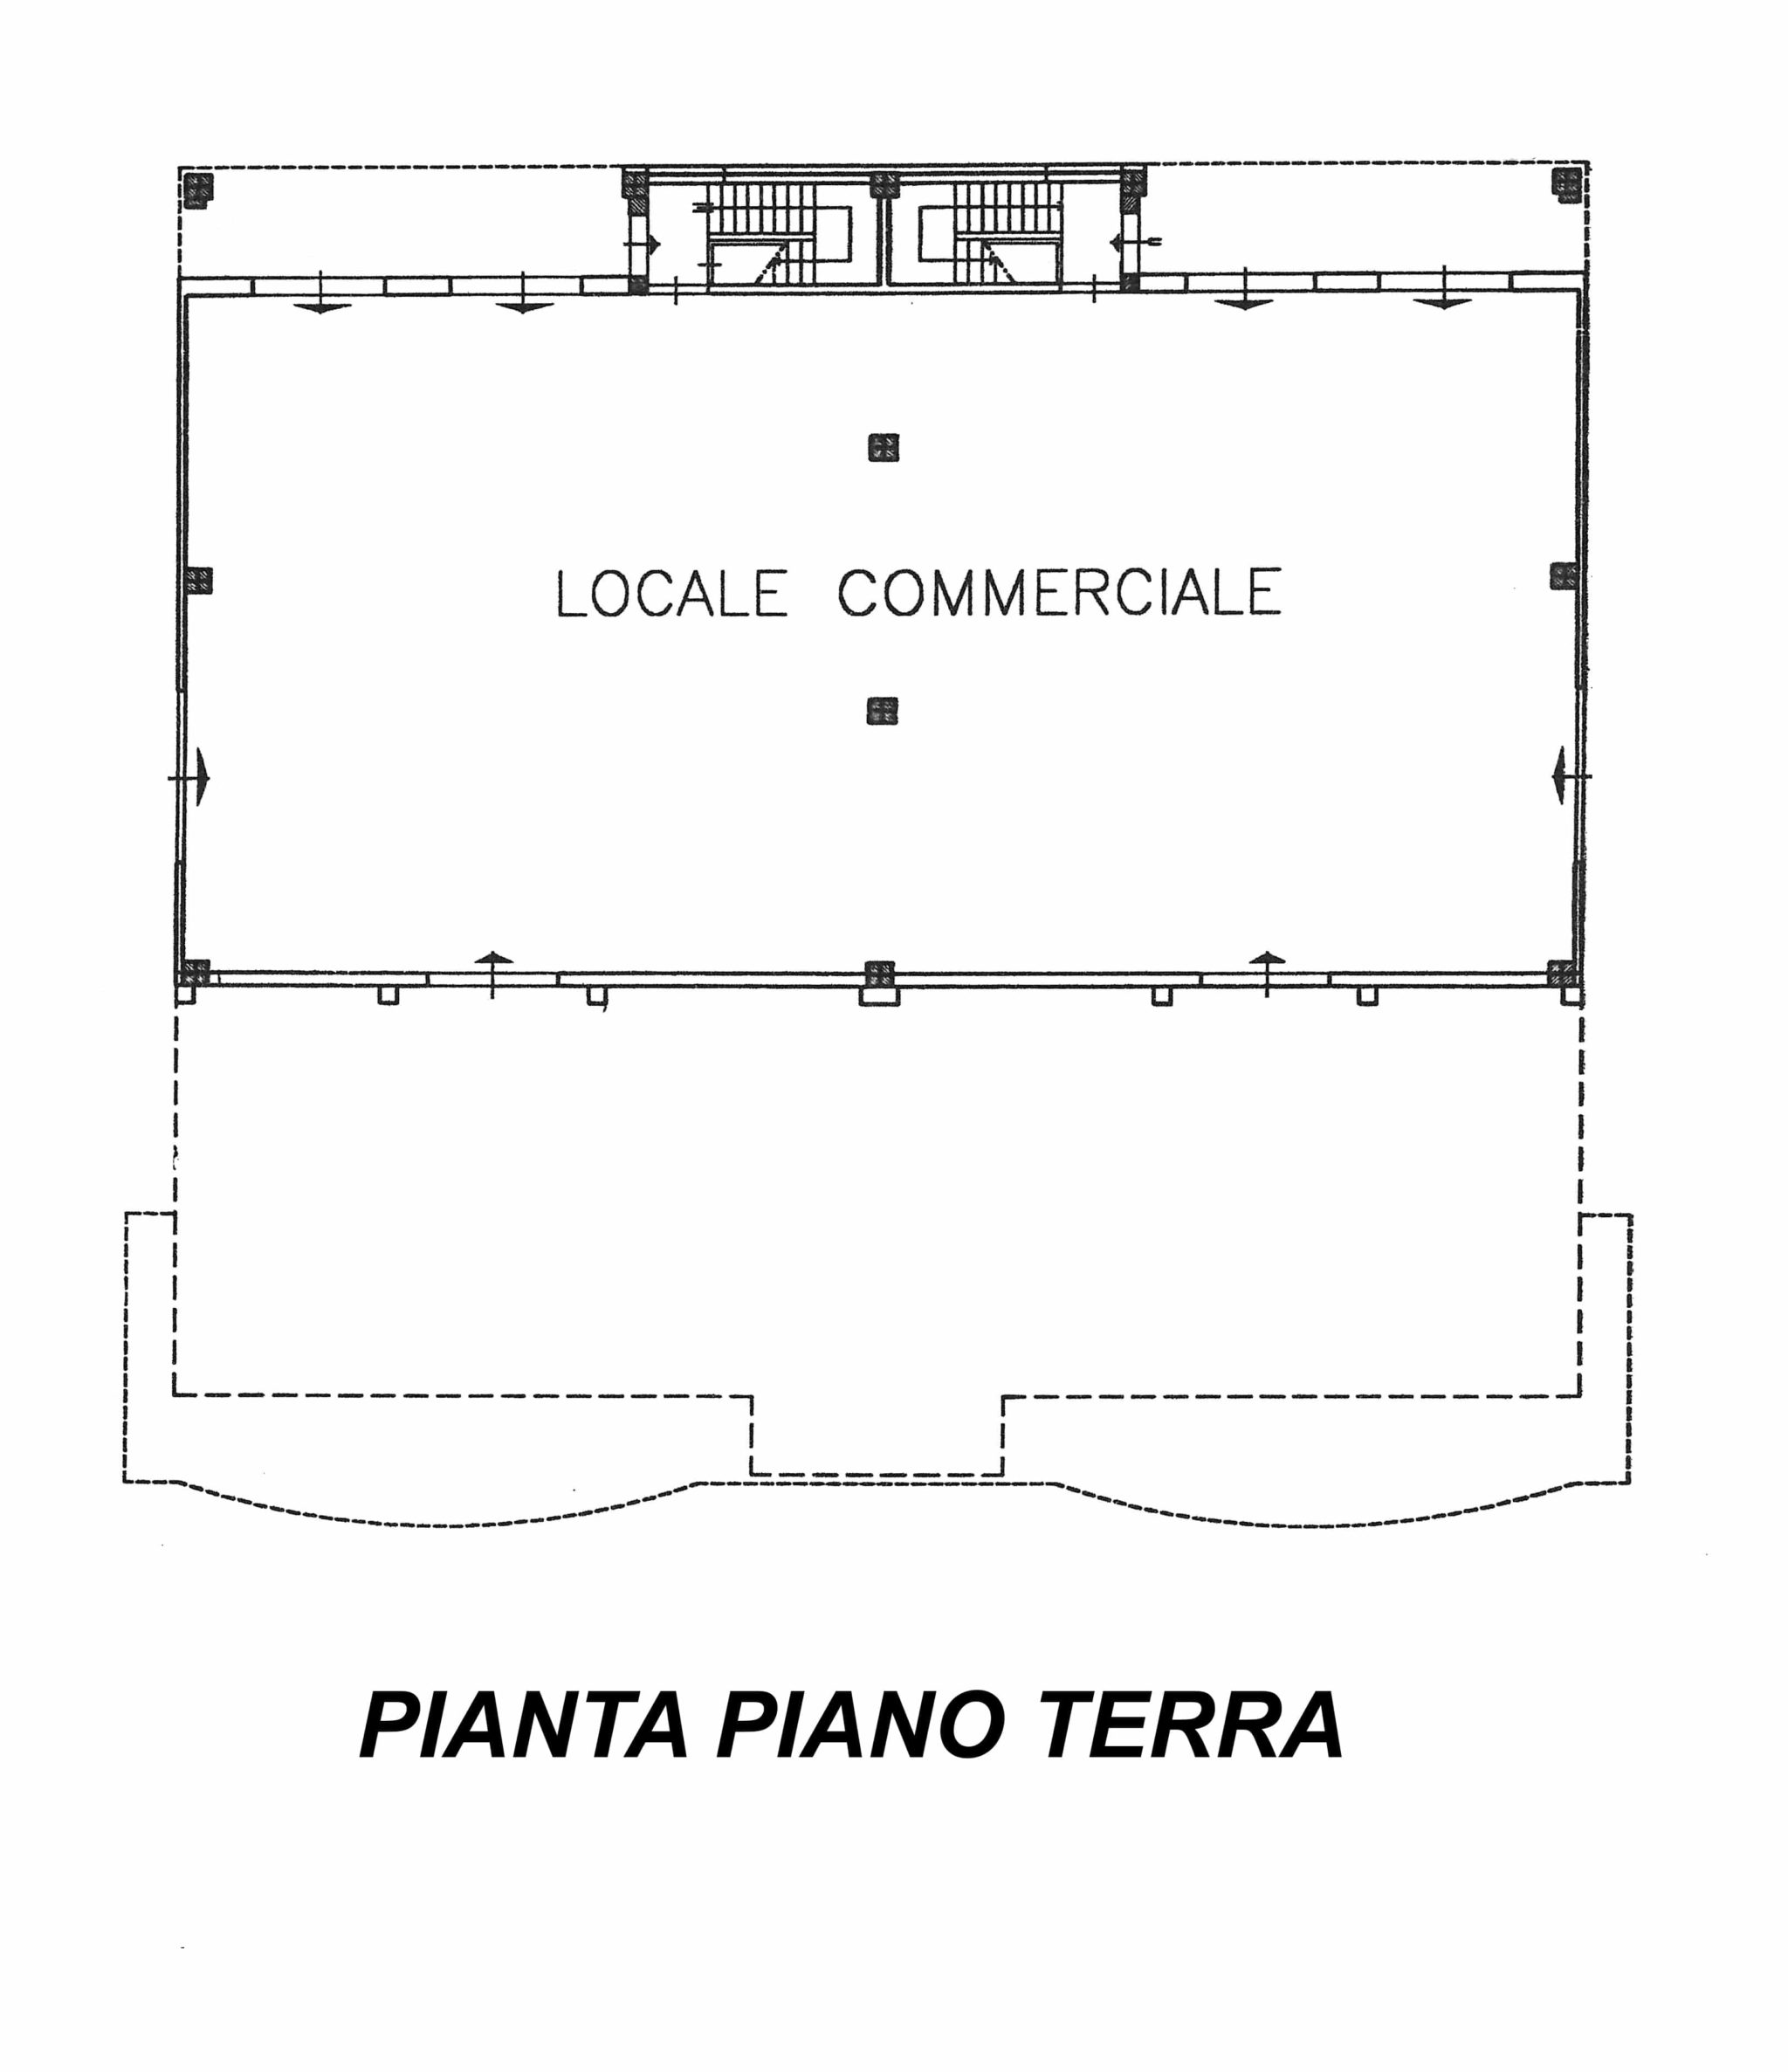 Vendita locale commerciale – Via degli Emigranti, Ceglie Messapica (Brindisi)